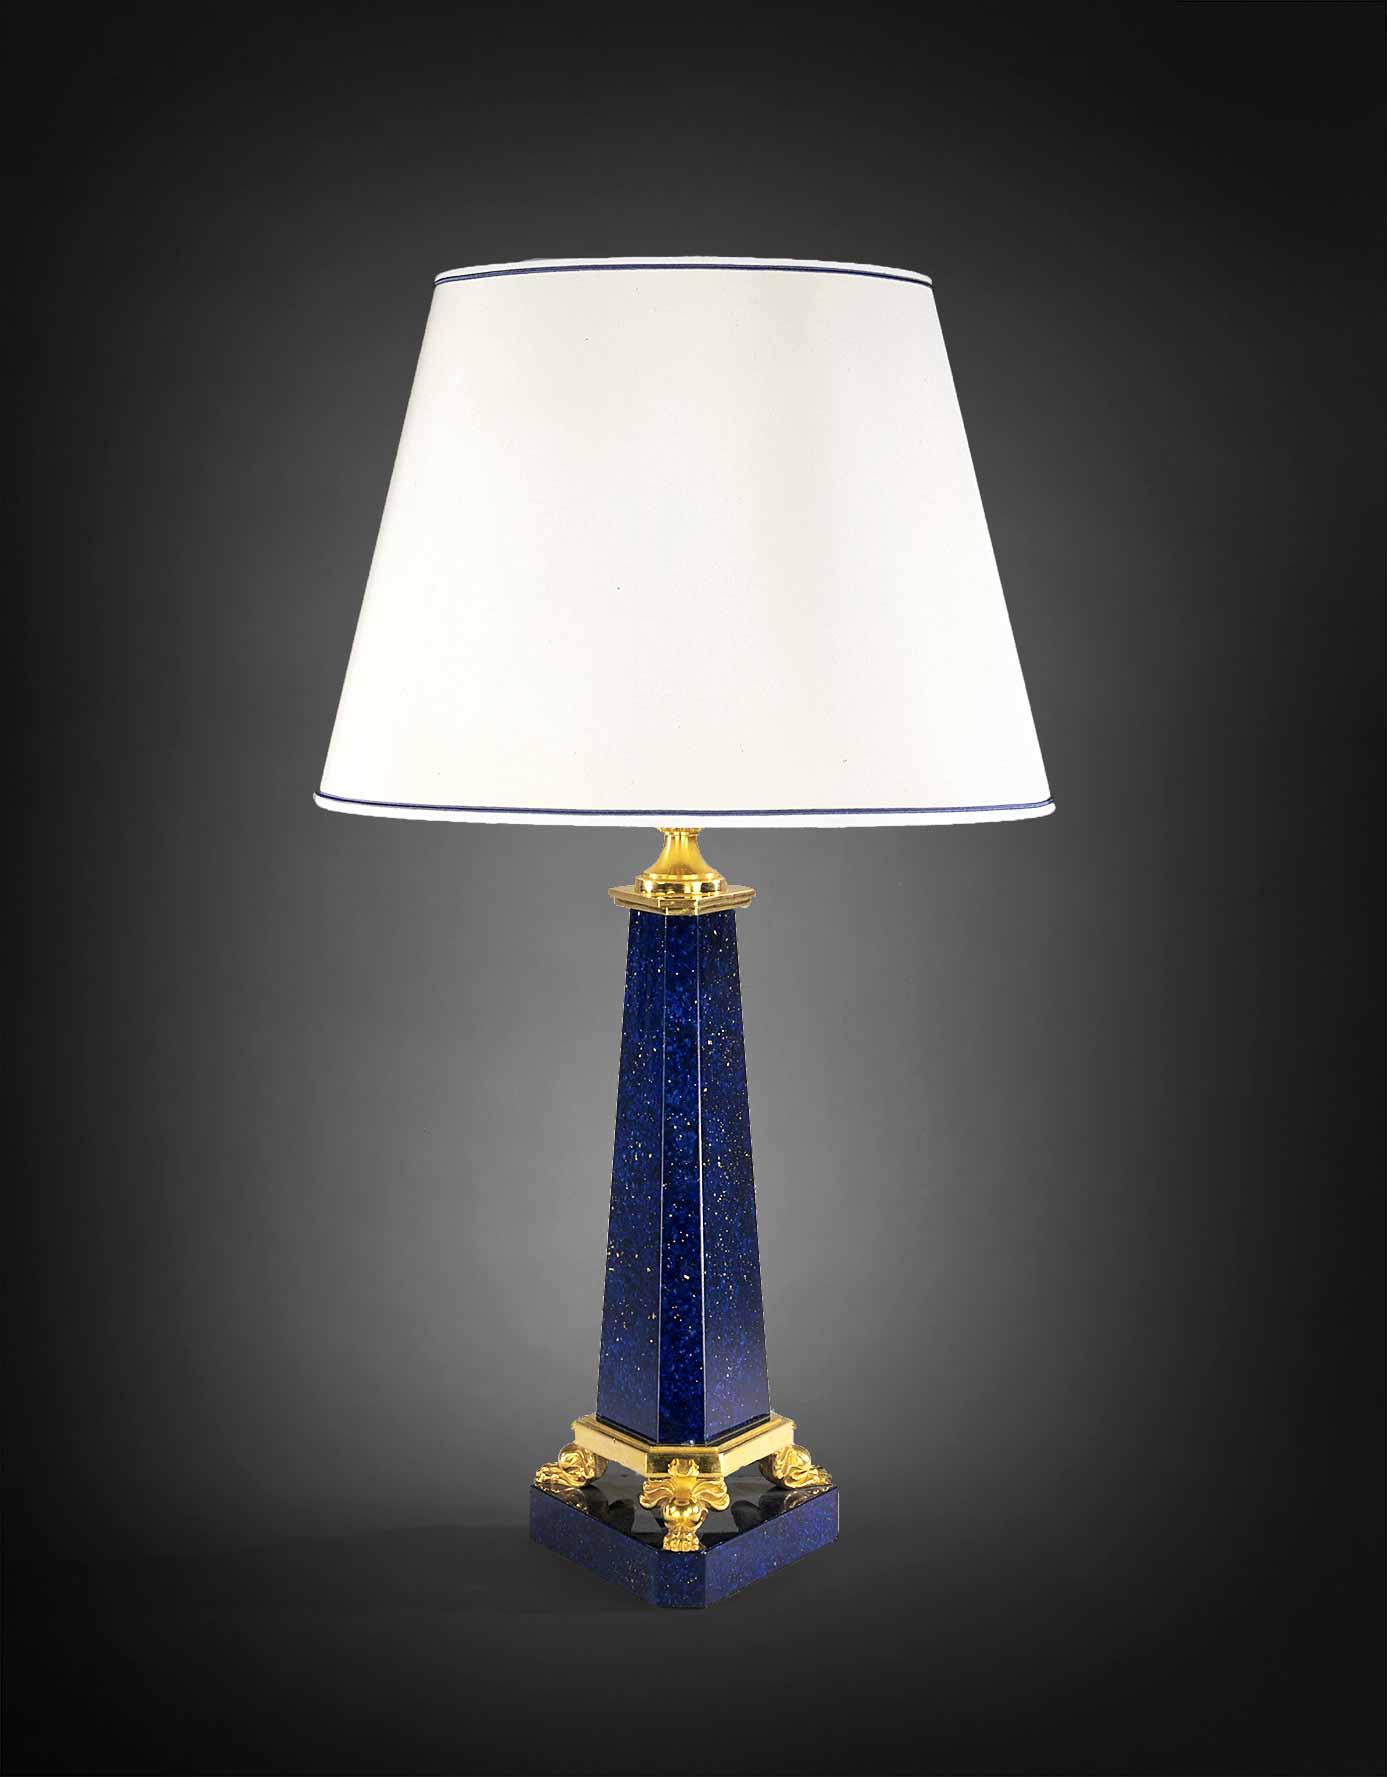 Lampes & lampadaires - 13221